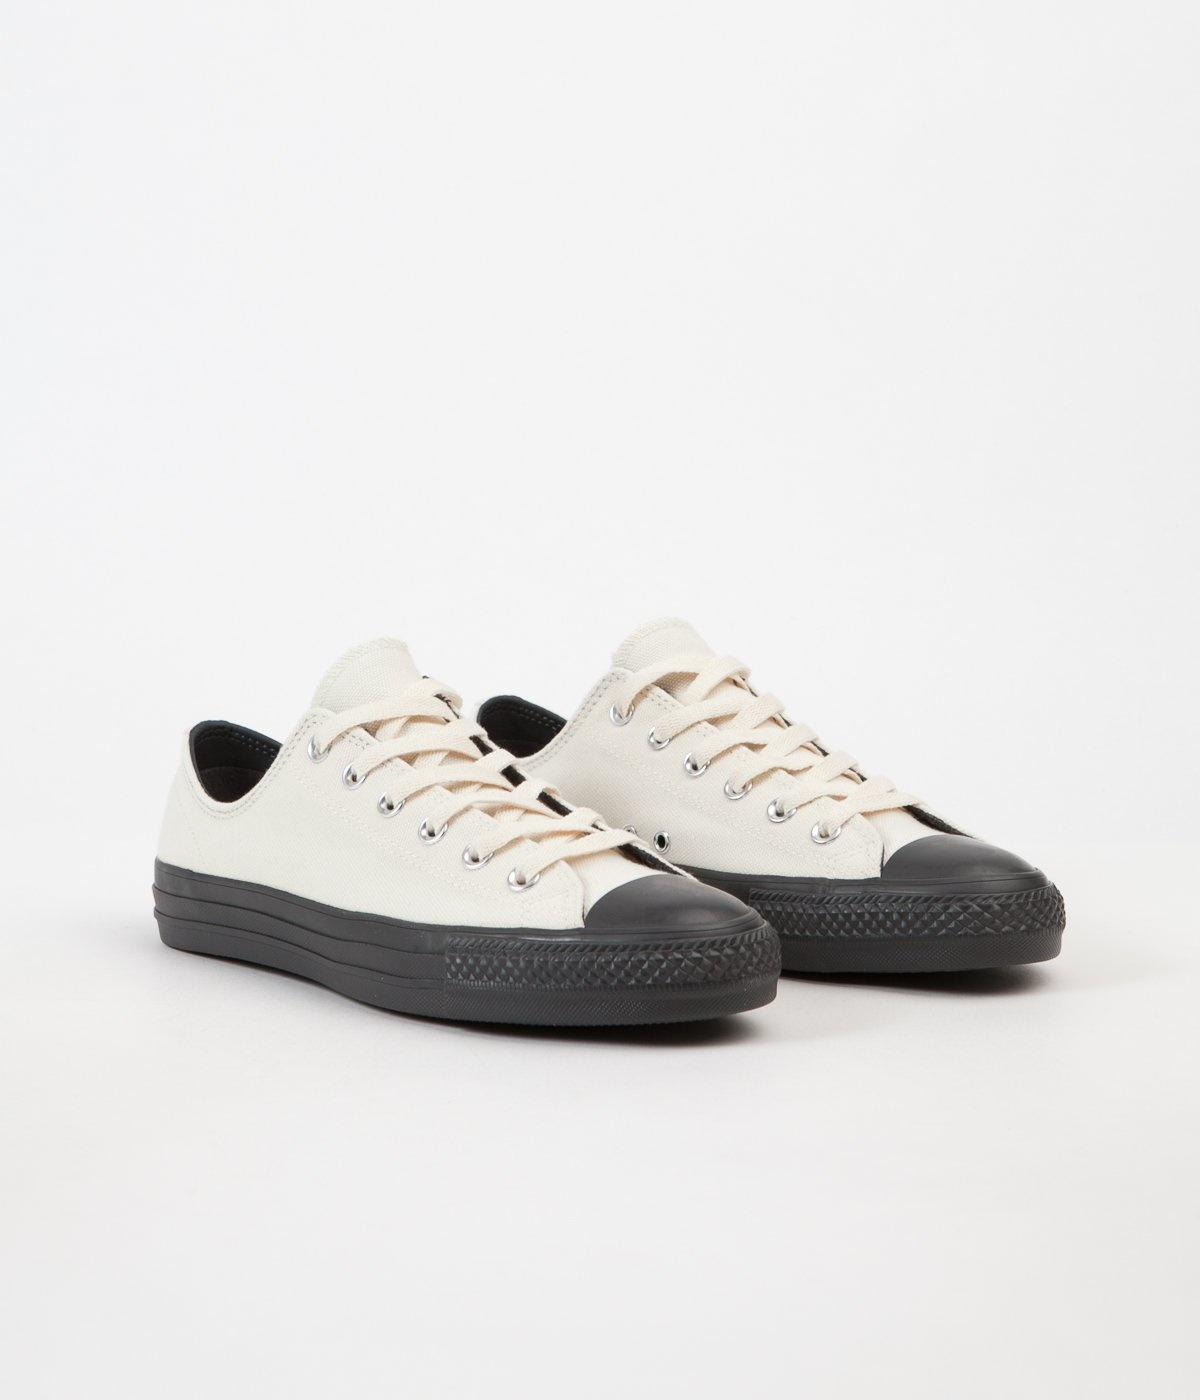 cons ctas pro ox shoe